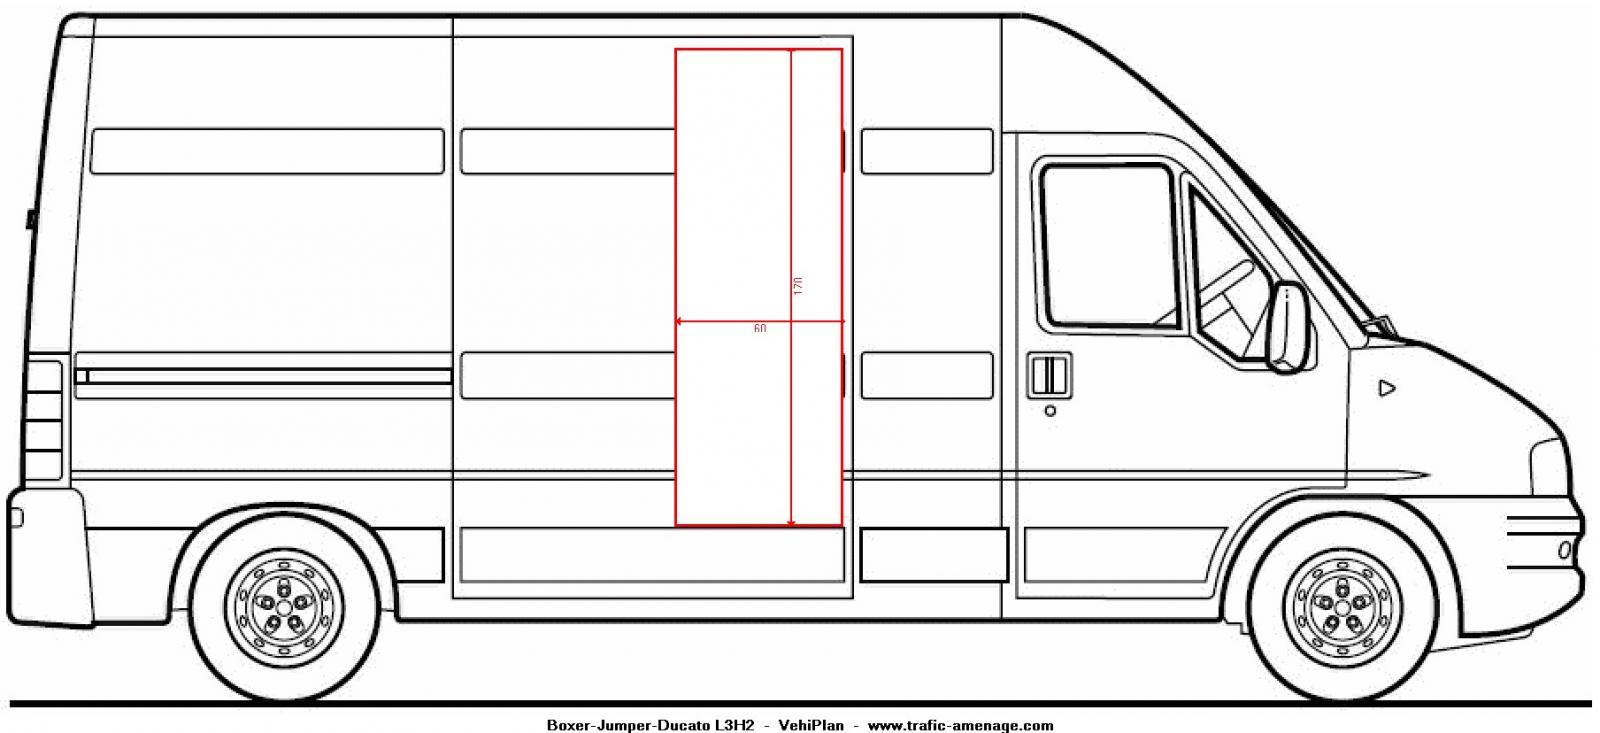 calculer l argus d un camping car calcul de l argus la centrale fr calcul de l 39 argus. Black Bedroom Furniture Sets. Home Design Ideas